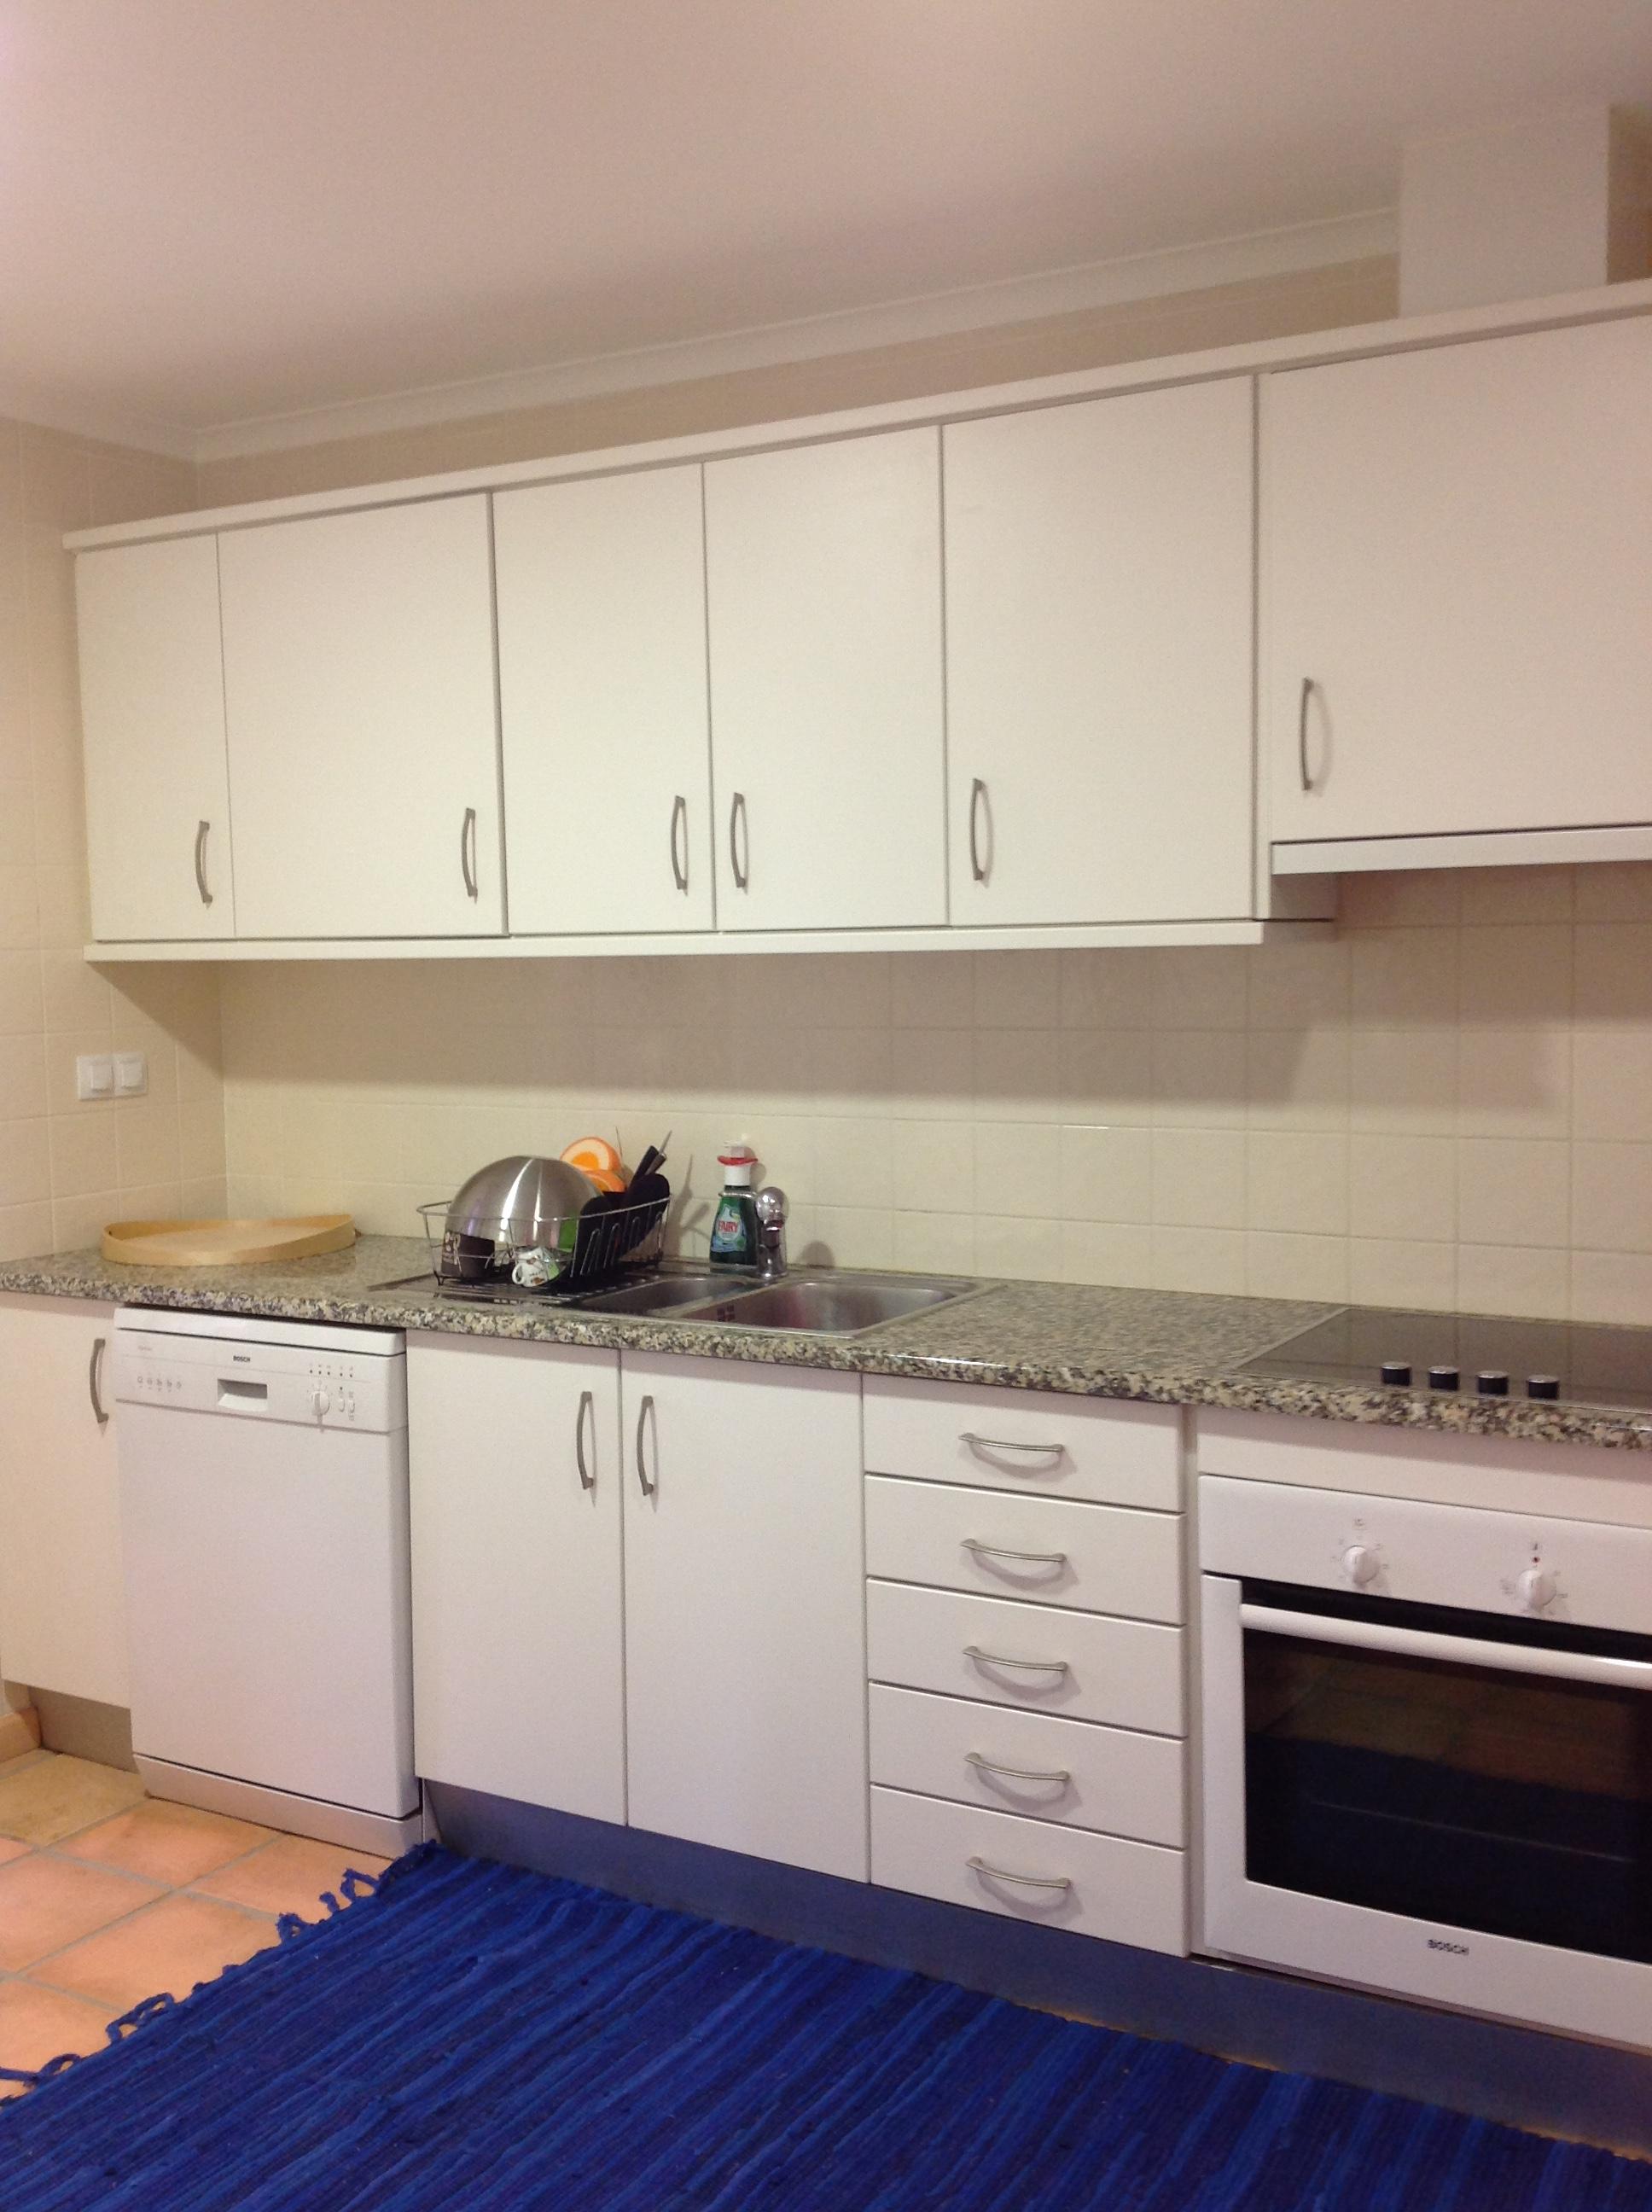 Location appartements et villas de vacance, Casa de Férias Vila Sol à Quarteira, Portugal Algarve, REF_IMG_3982_3990